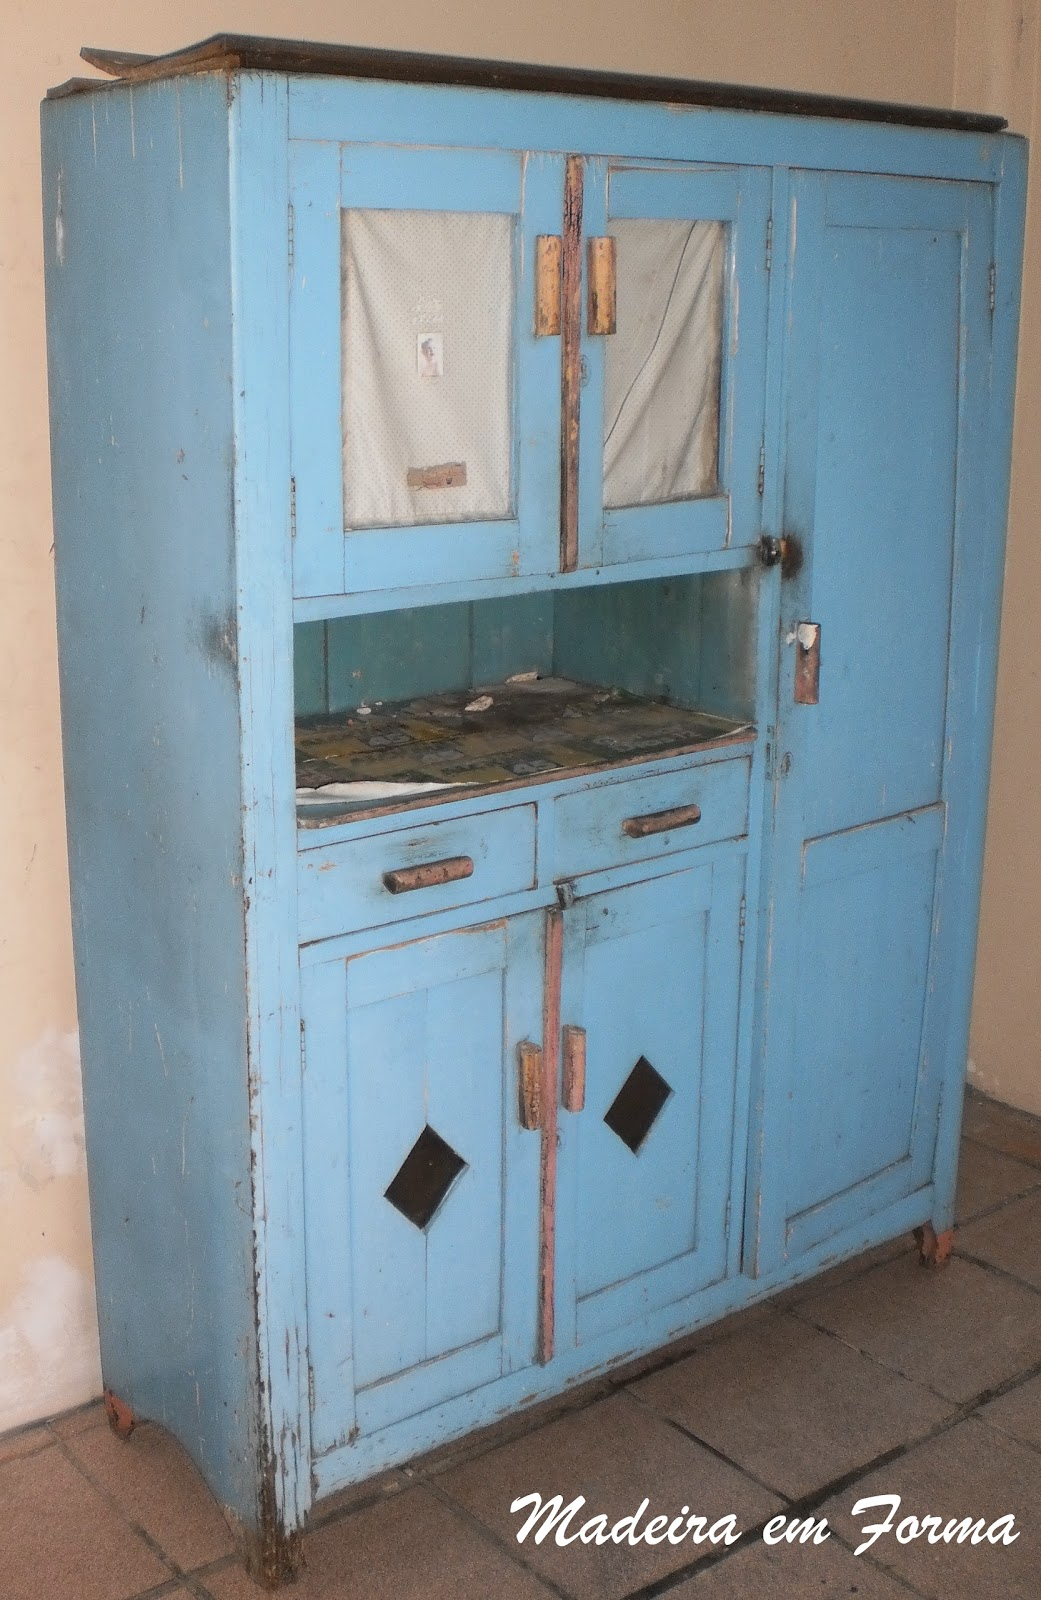 Restauração de Móveis de Época : Guarda comida e descupinização #3A6E91 1041x1600